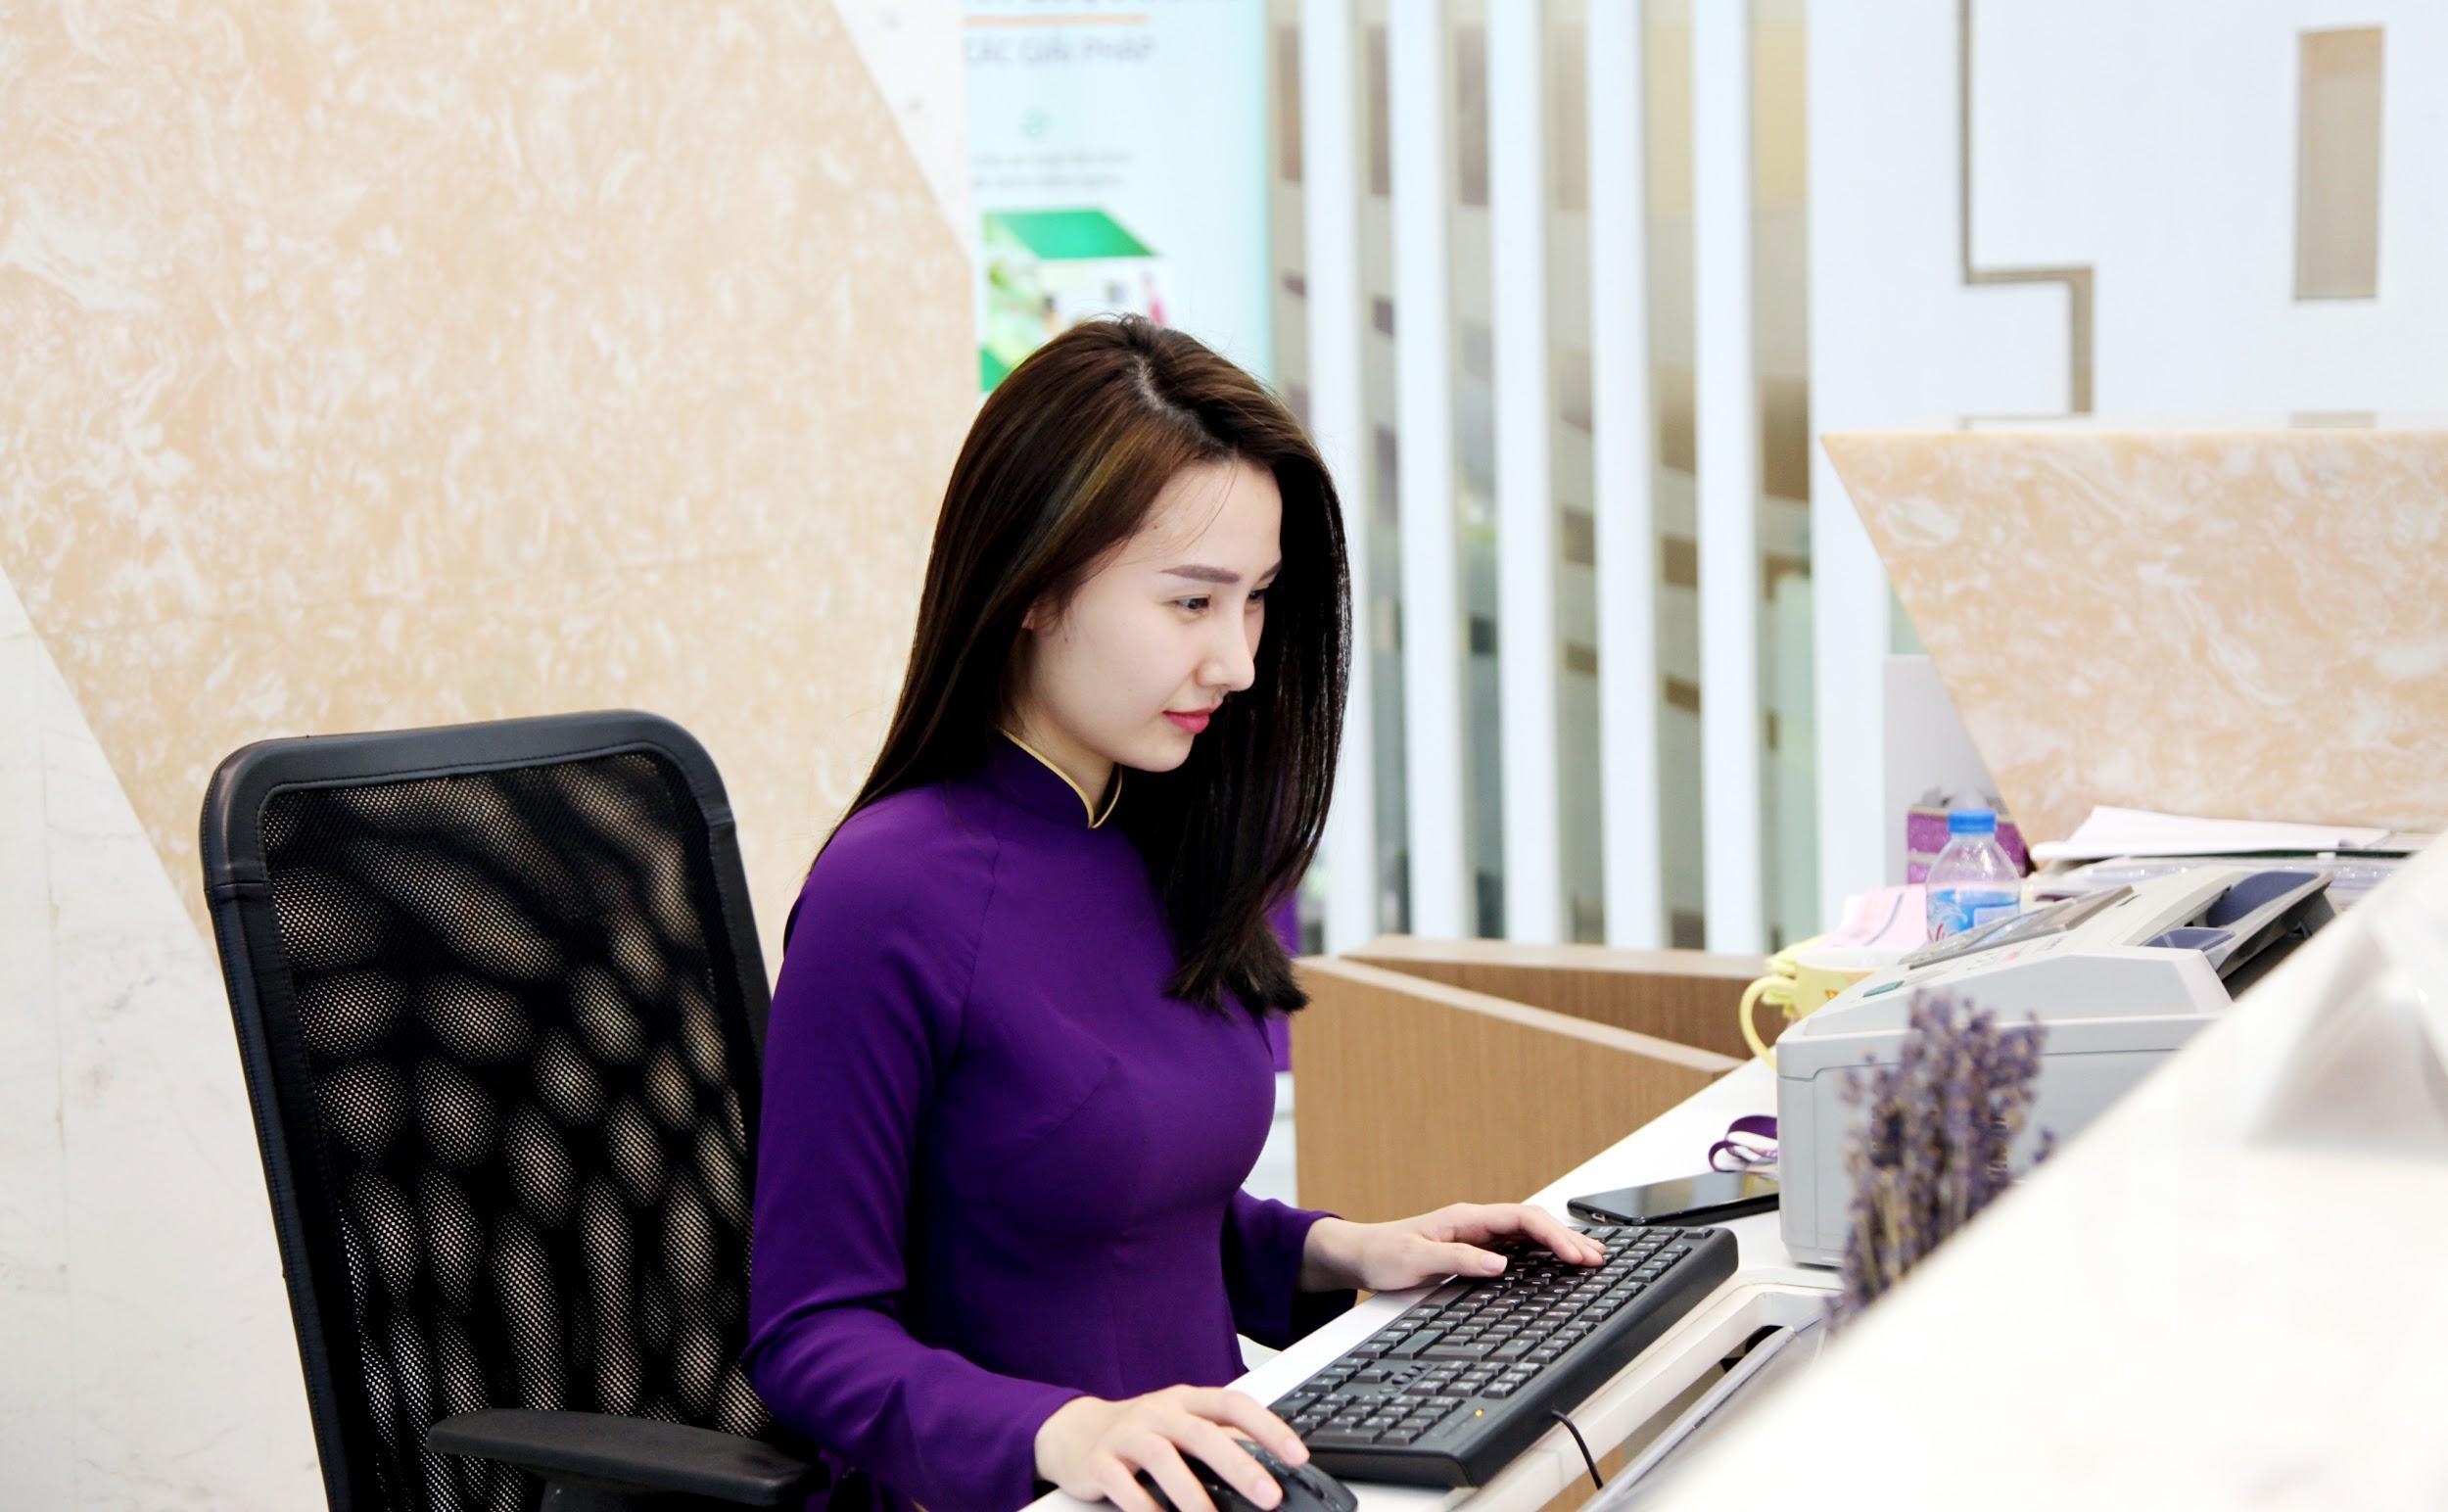 Nhân viên ngân hàng: Lương 8 triệu, ngày làm 11 tiếng | IUHers